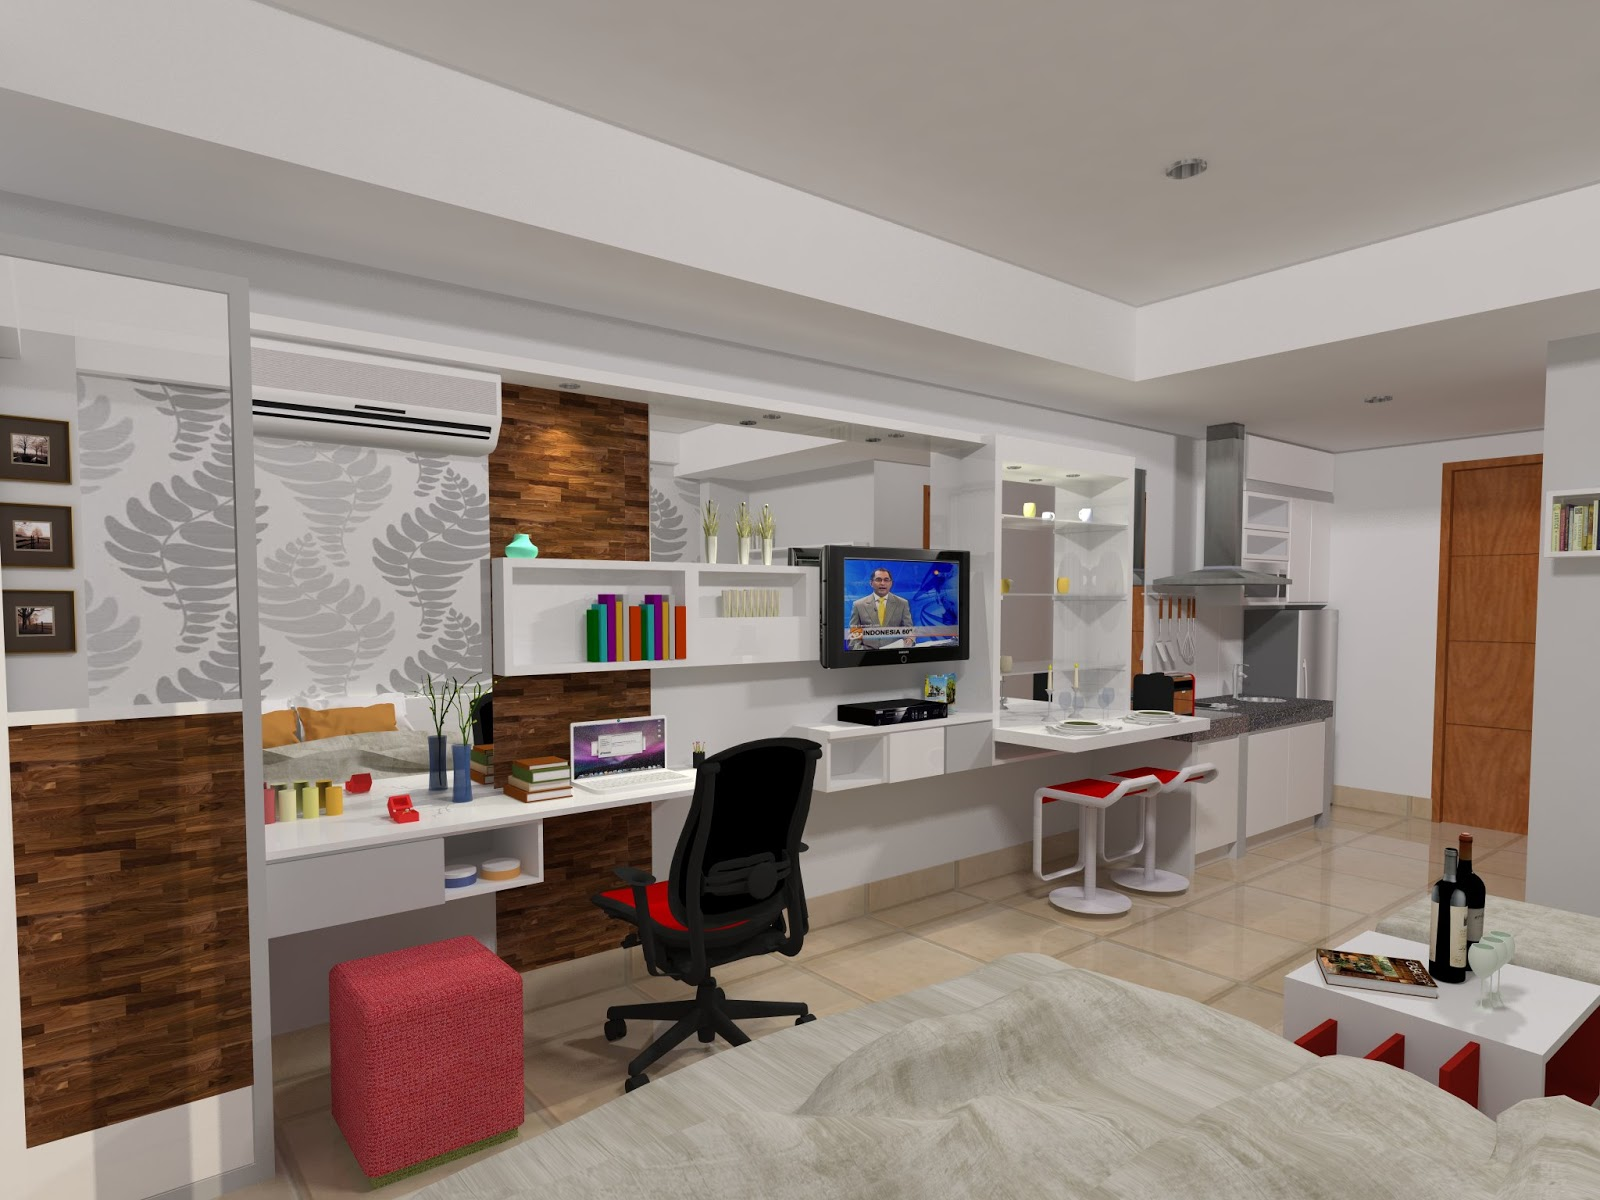 Sofa Studio Musik Bandung Contemporary White Uk Desain Interior Apartemen Tempat Tinggal Kantor